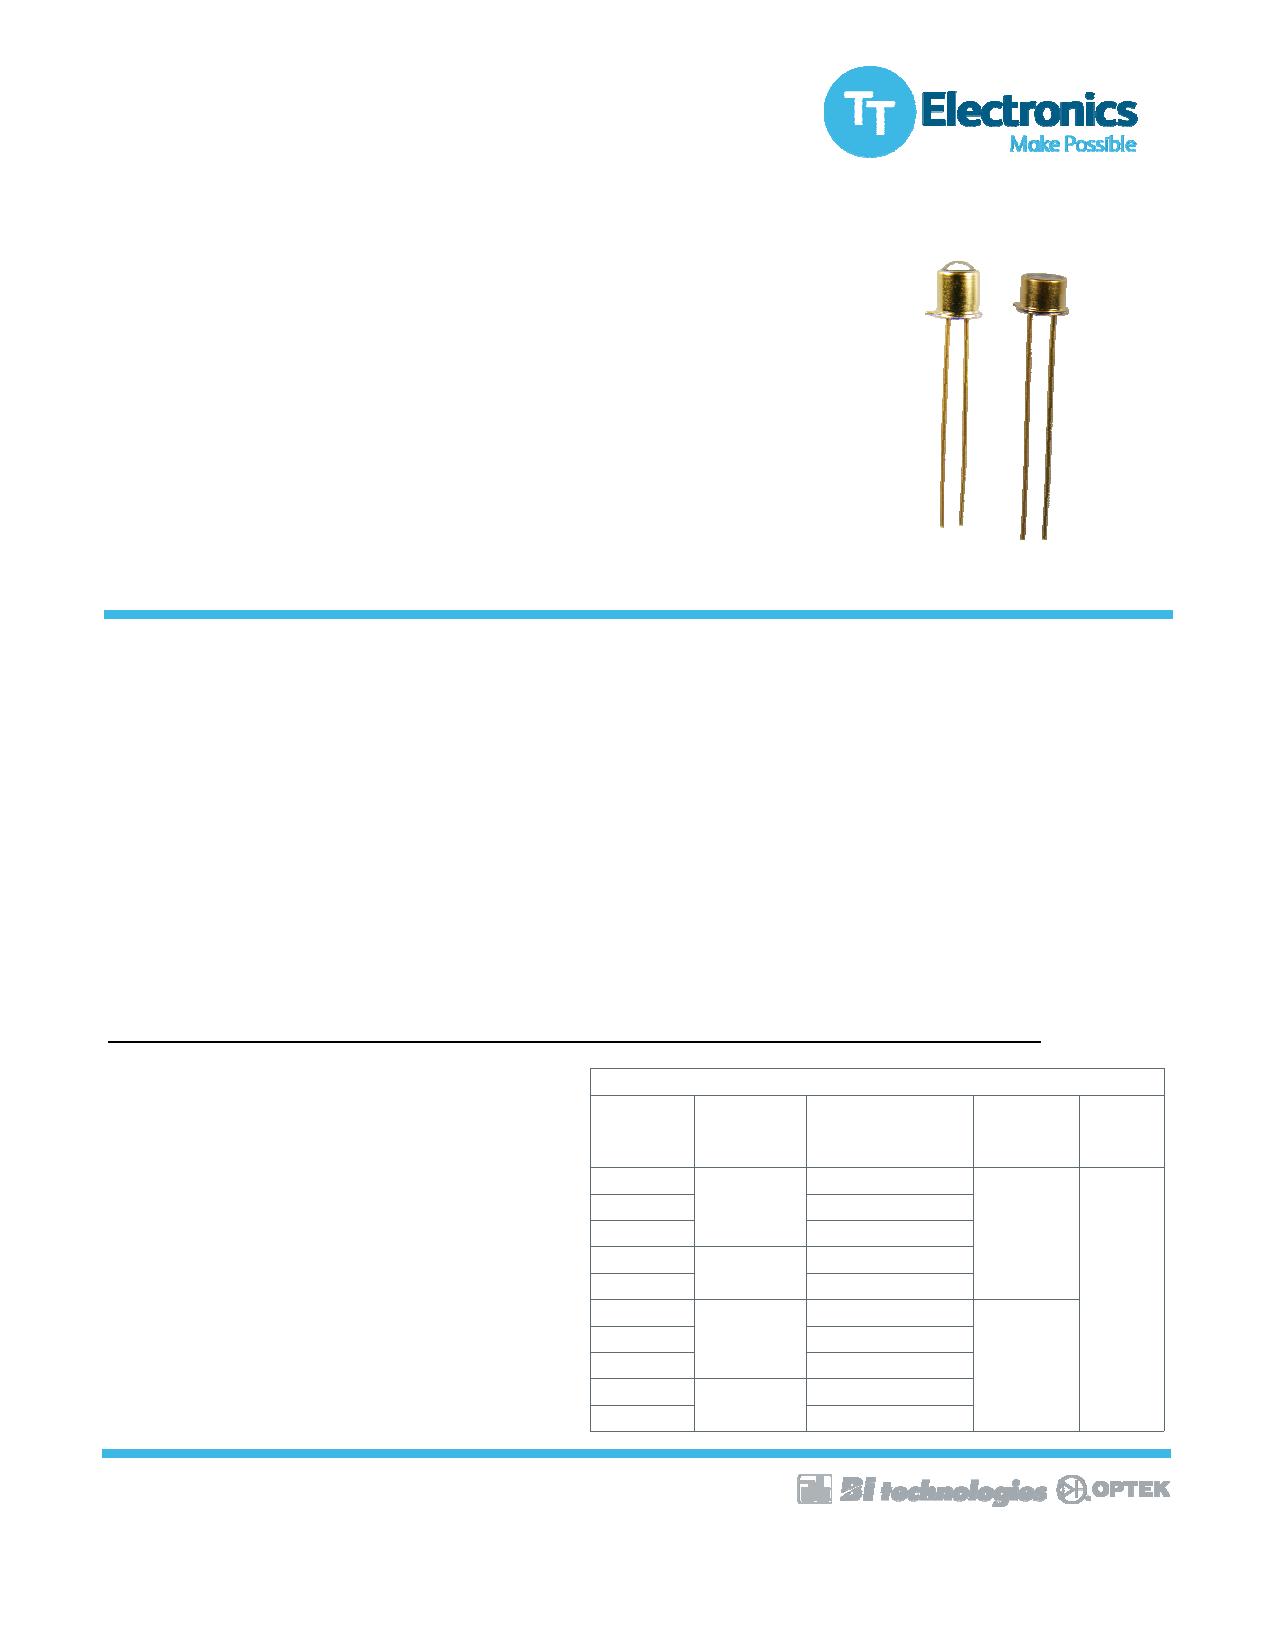 OP234W datasheet, circuit